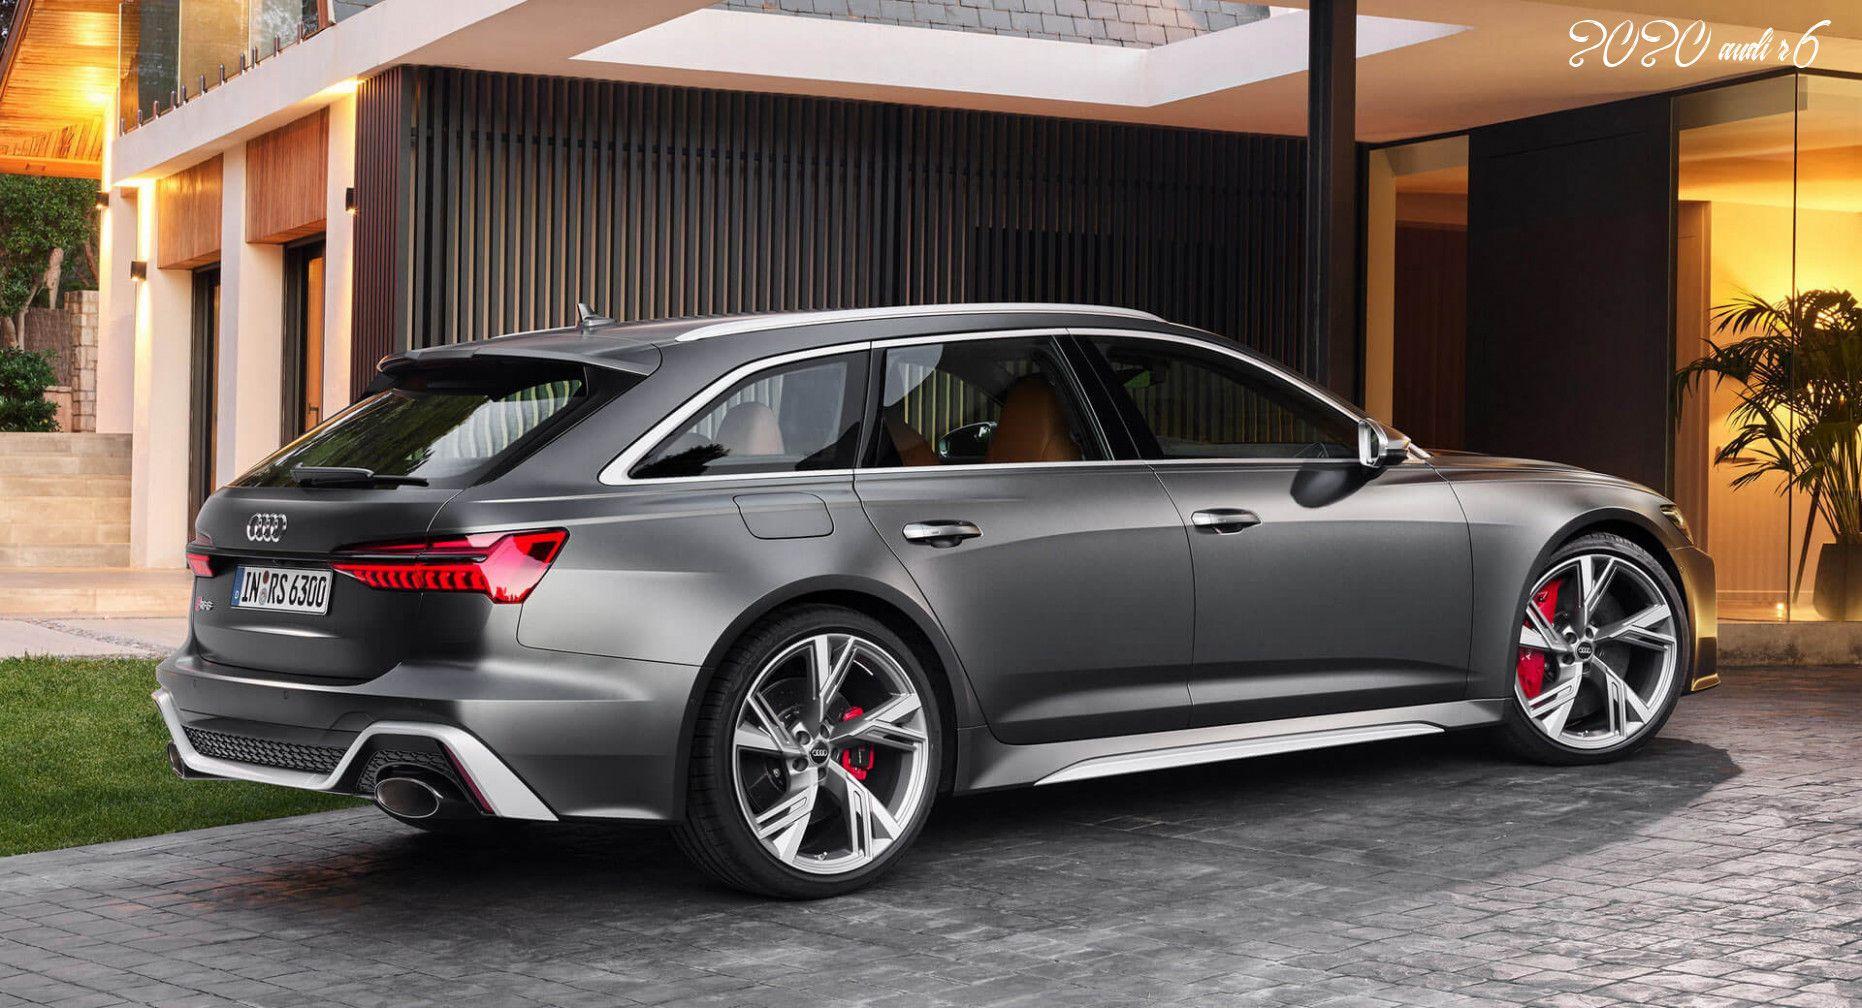 2020 Audi R6 Price In 2020 Audi Rs6 Malibu Car Audi Rs6 Wagon